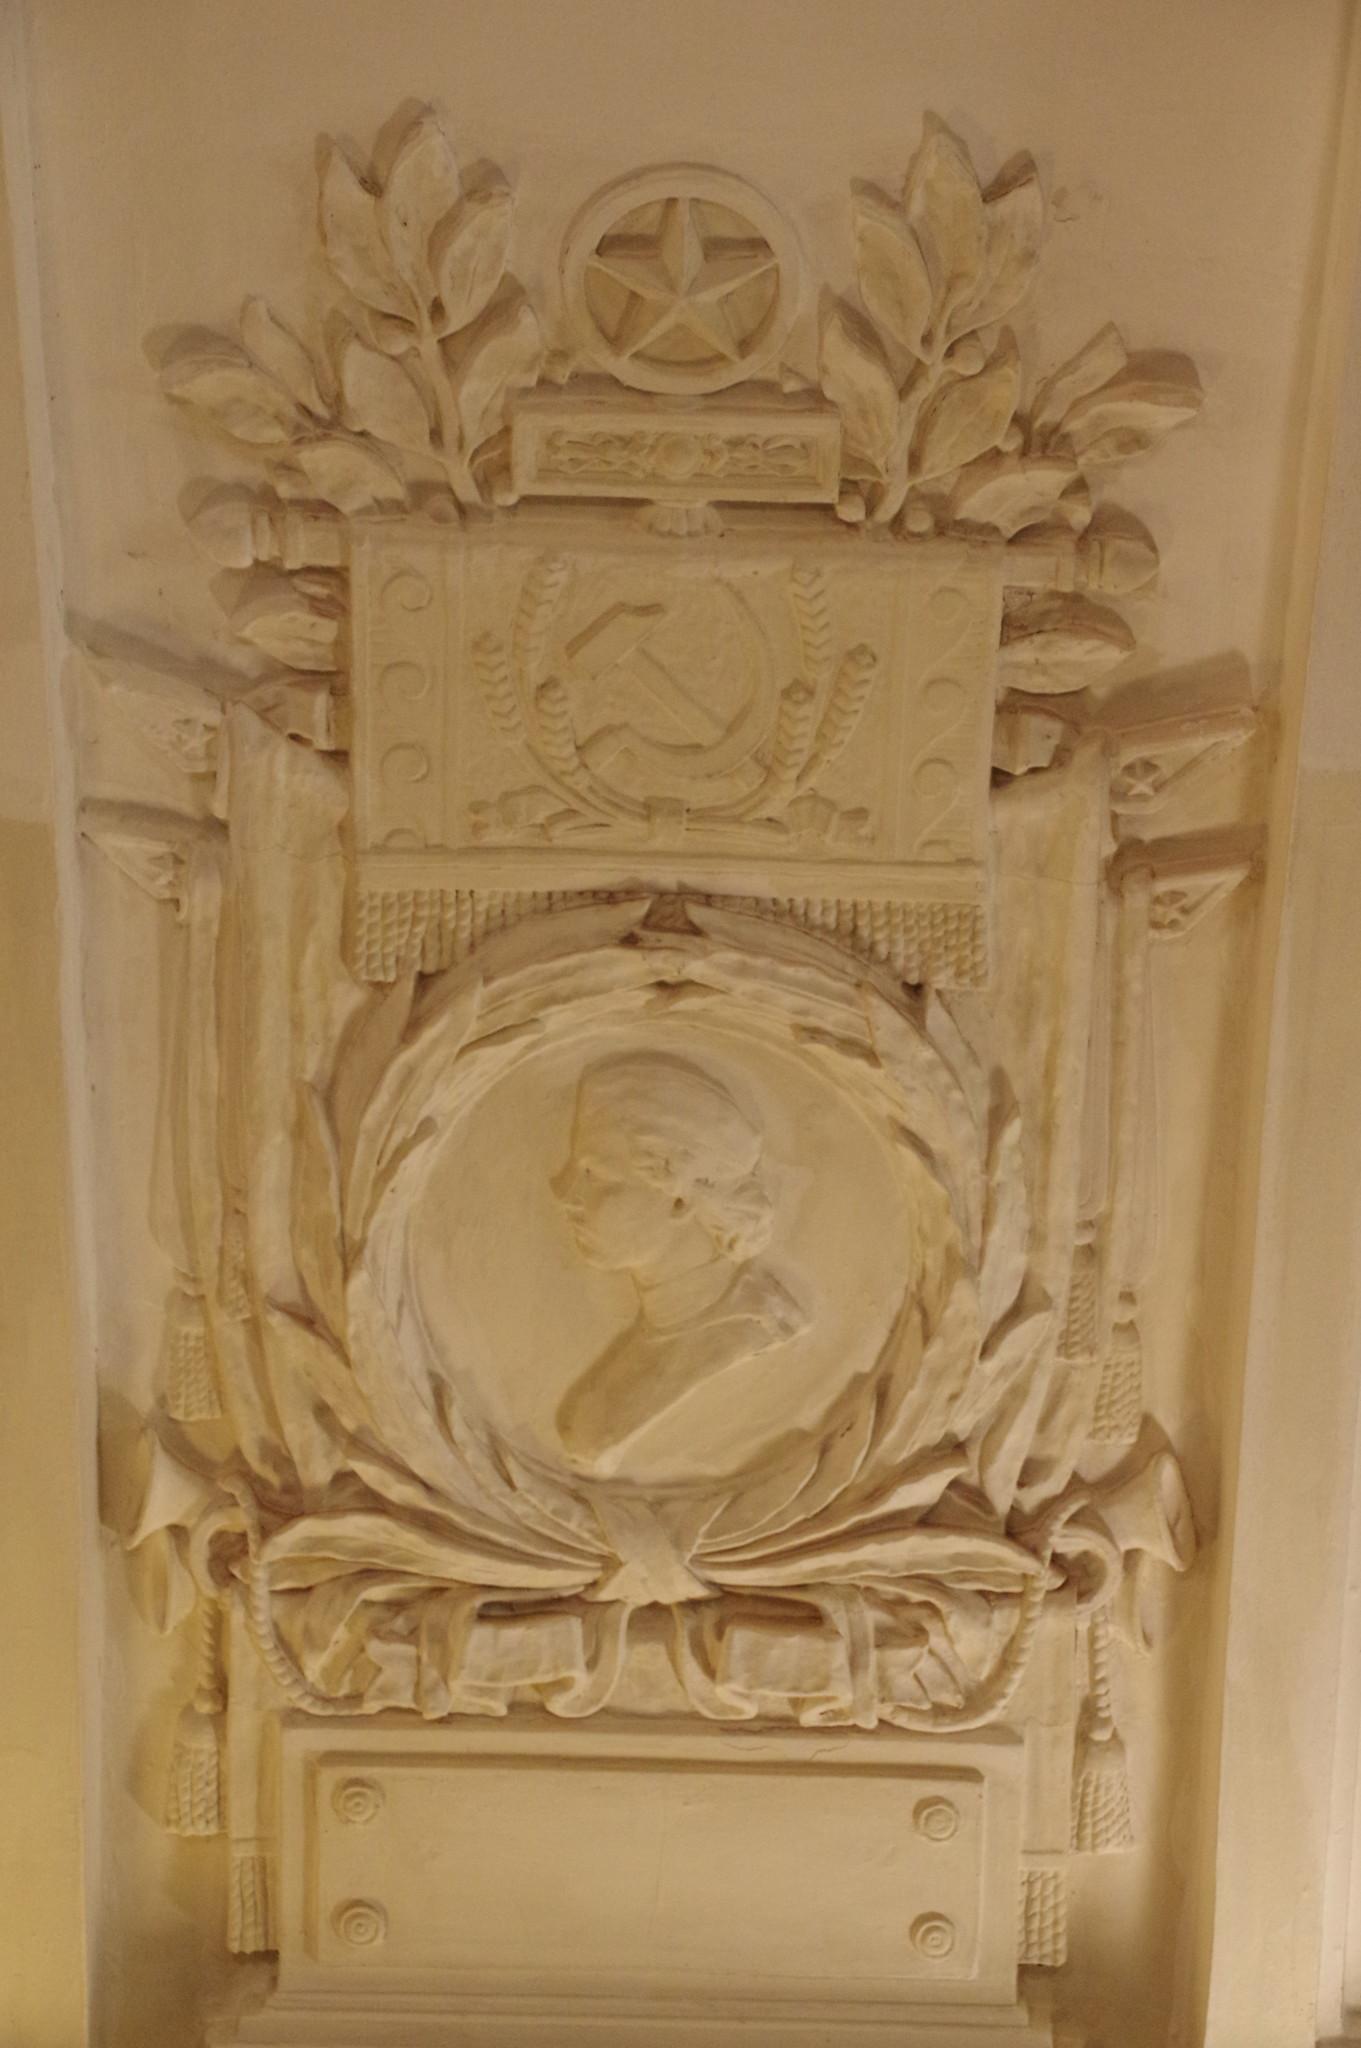 Медальон на пилоне станции «Октябрьская» Кольцевой линии Московского метрополитена